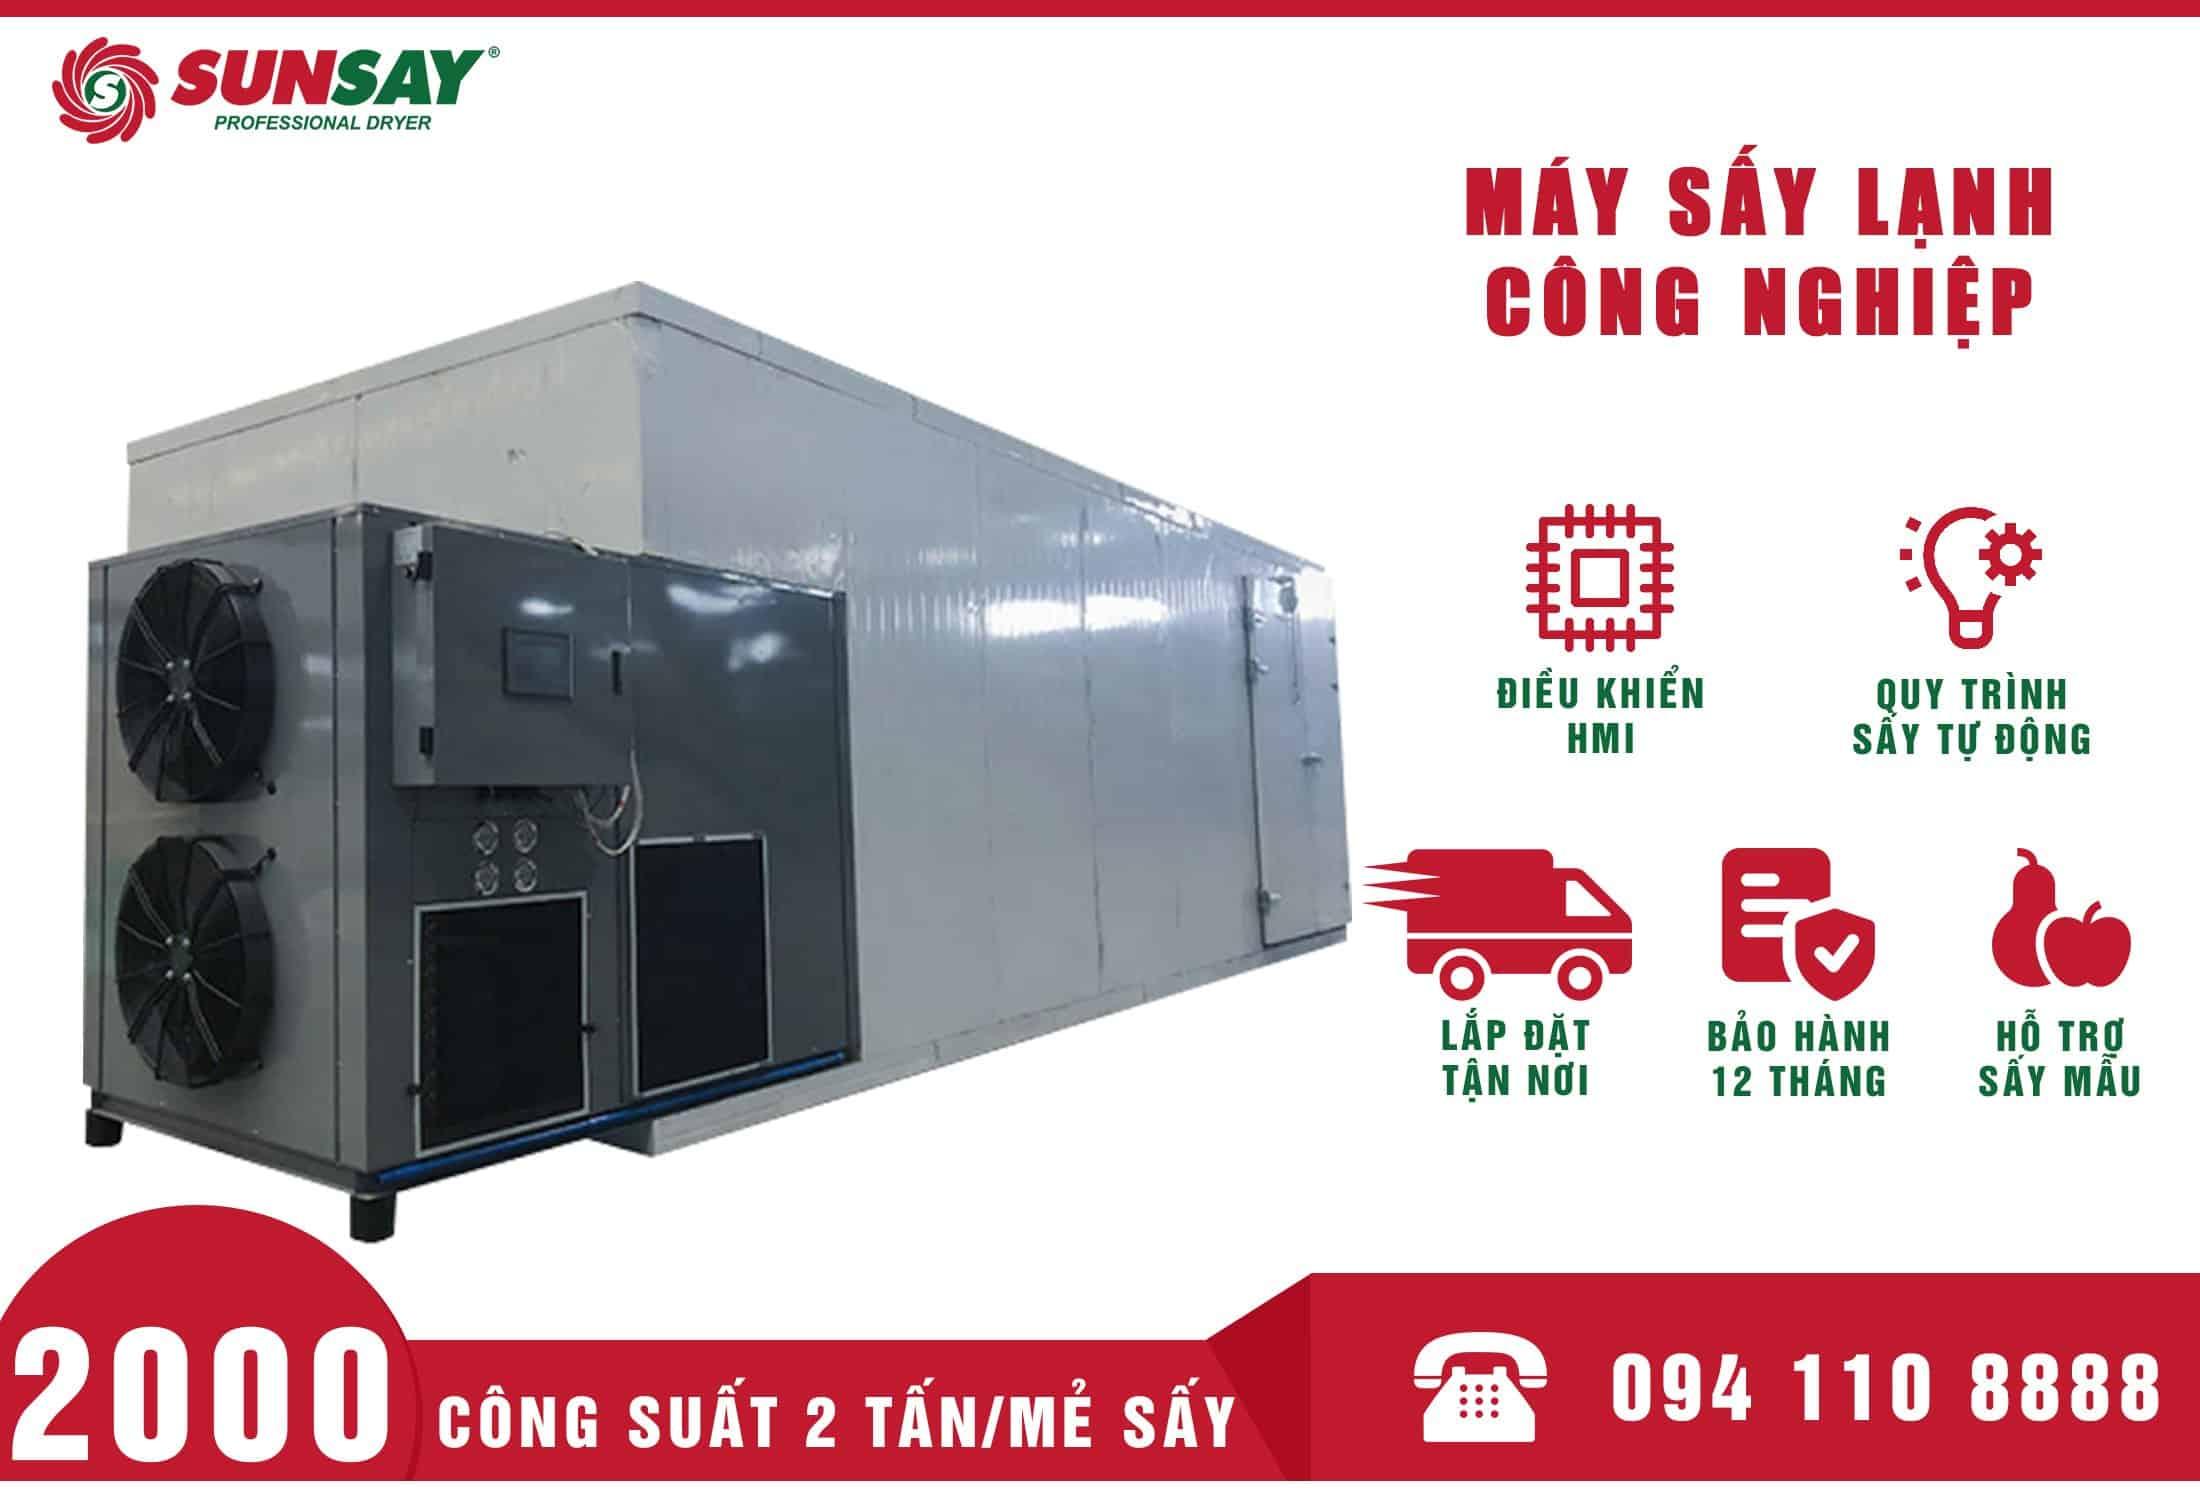 Máy sấy lạnh công nghiệp 2 Tấn SUNSAY